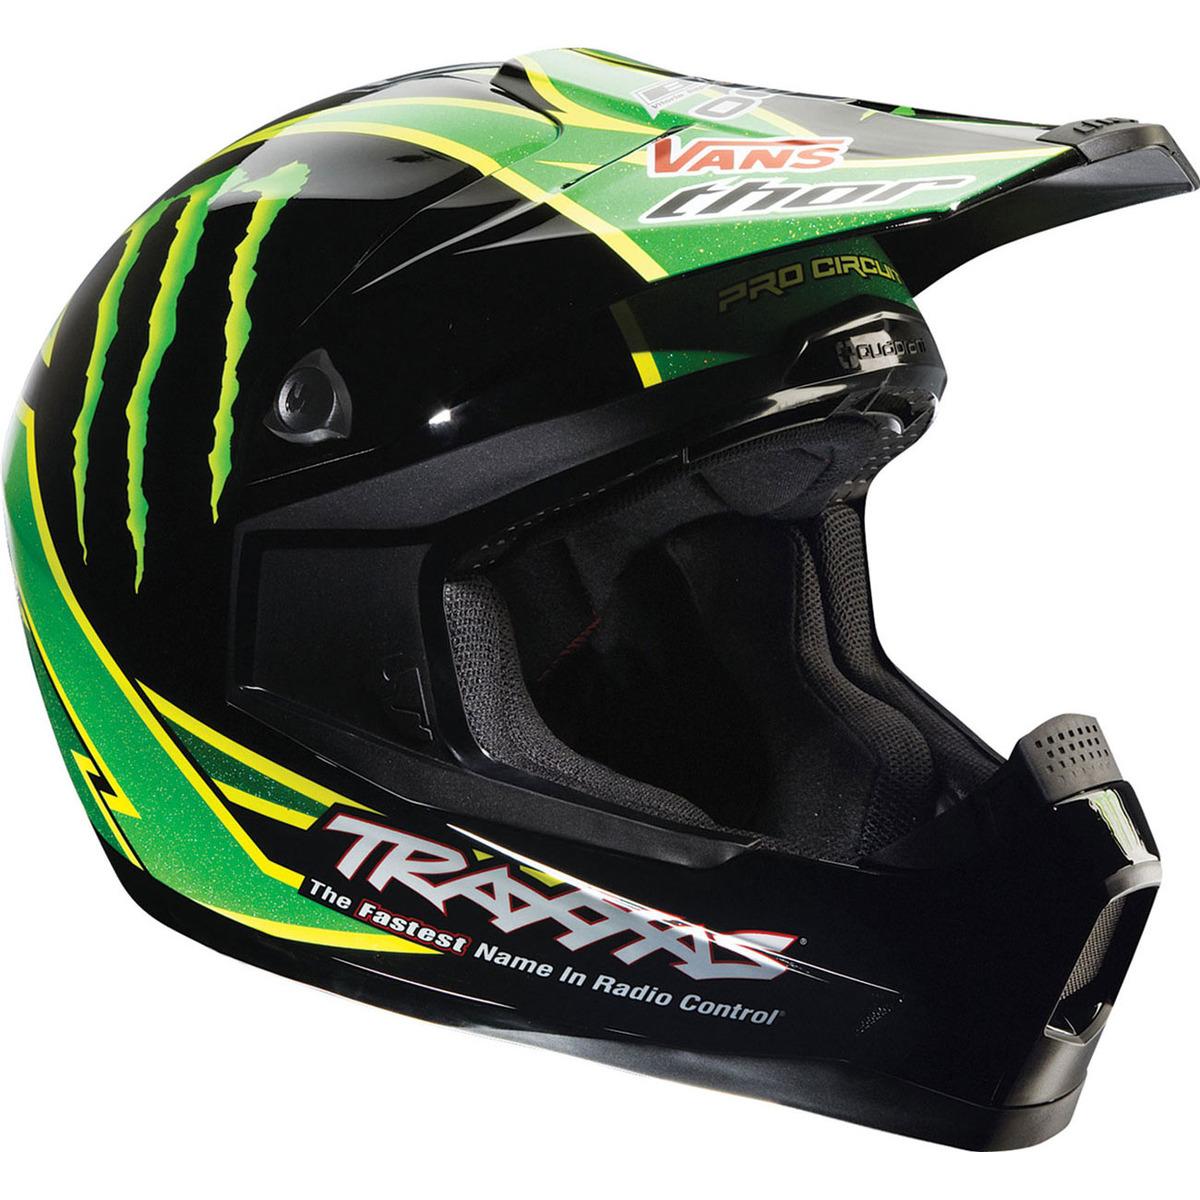 ... CIRCUIT MONSTER ENERGY HELMET MX MOTOCROSS OFFROAD GREEN BLACK | eBay